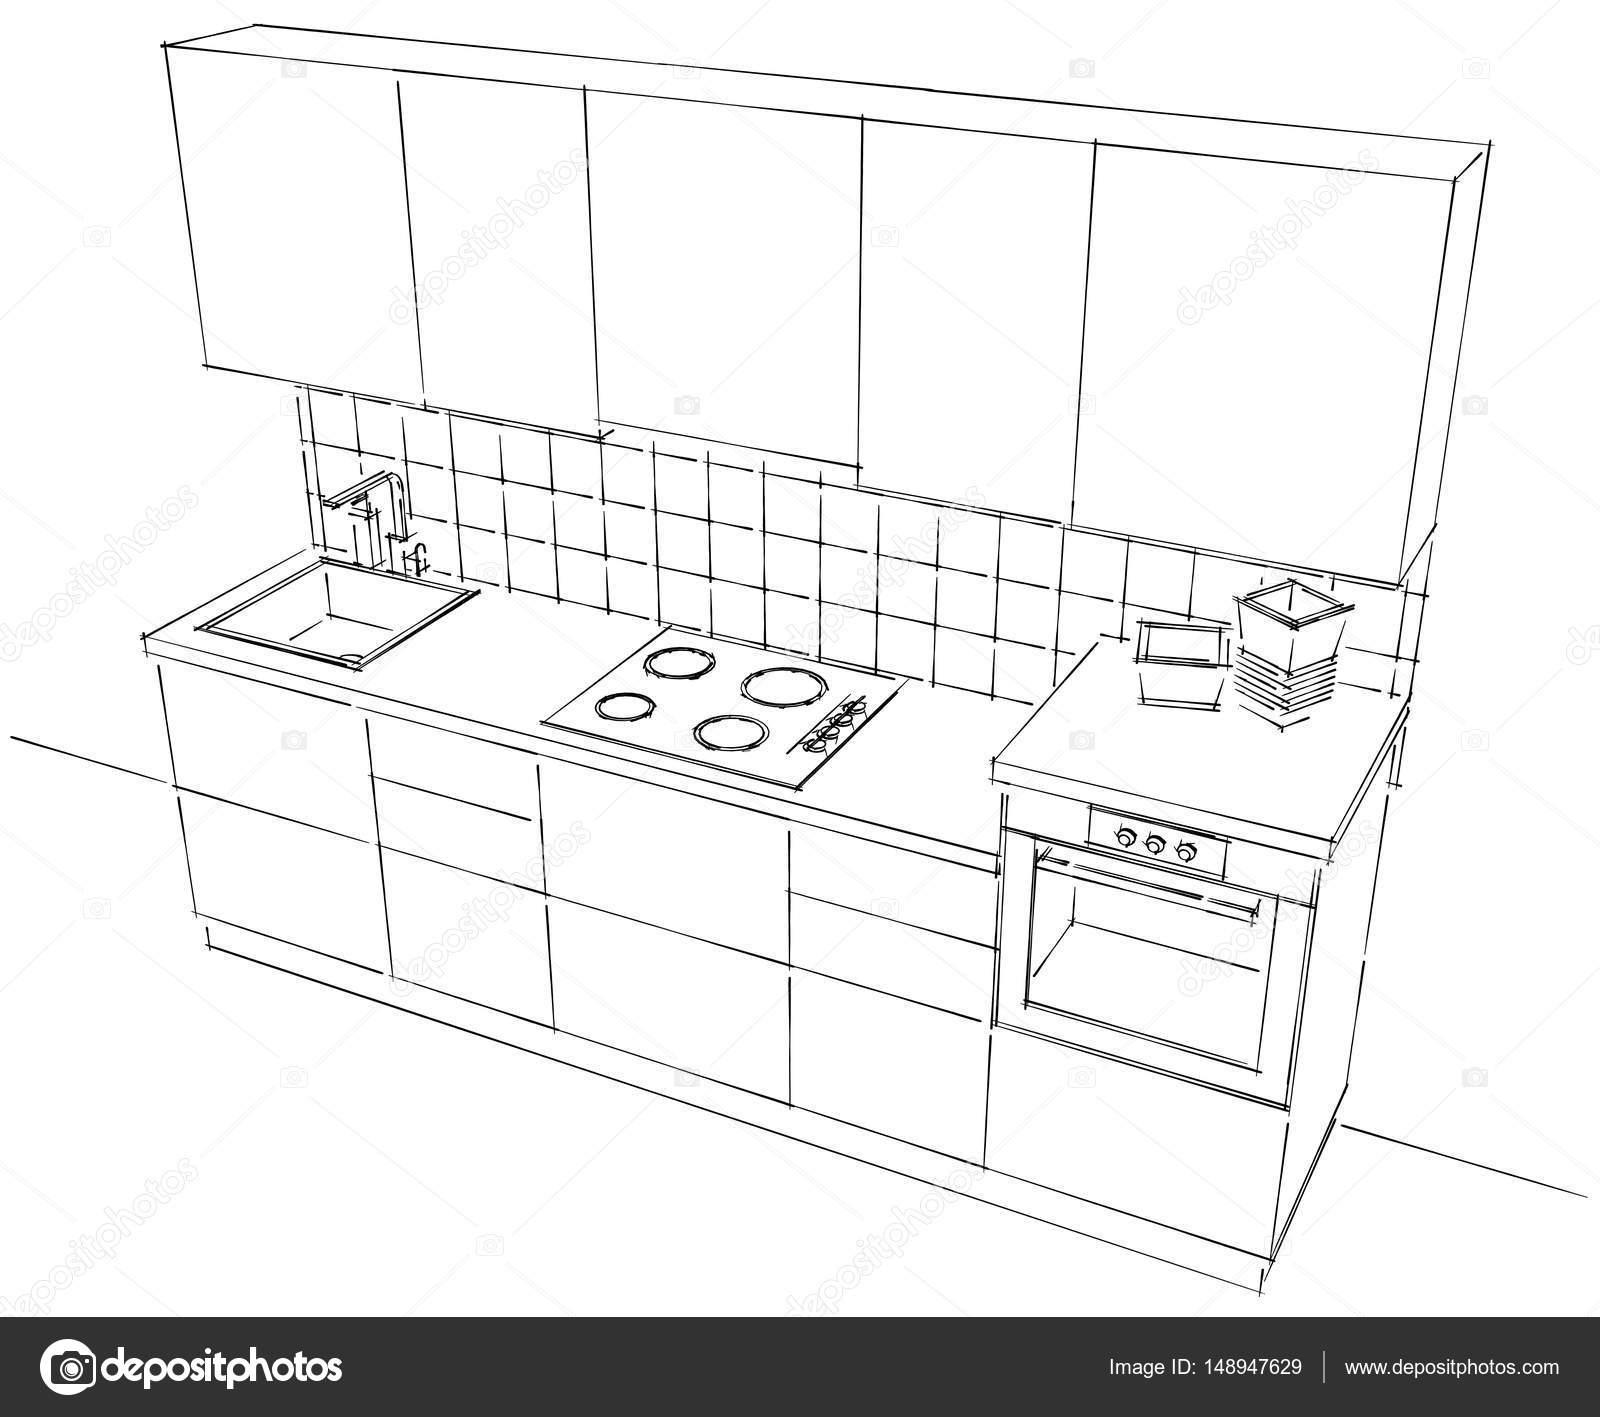 Draufsicht der kleinen modulare Küche schwarz / weiß — Stockfoto ...